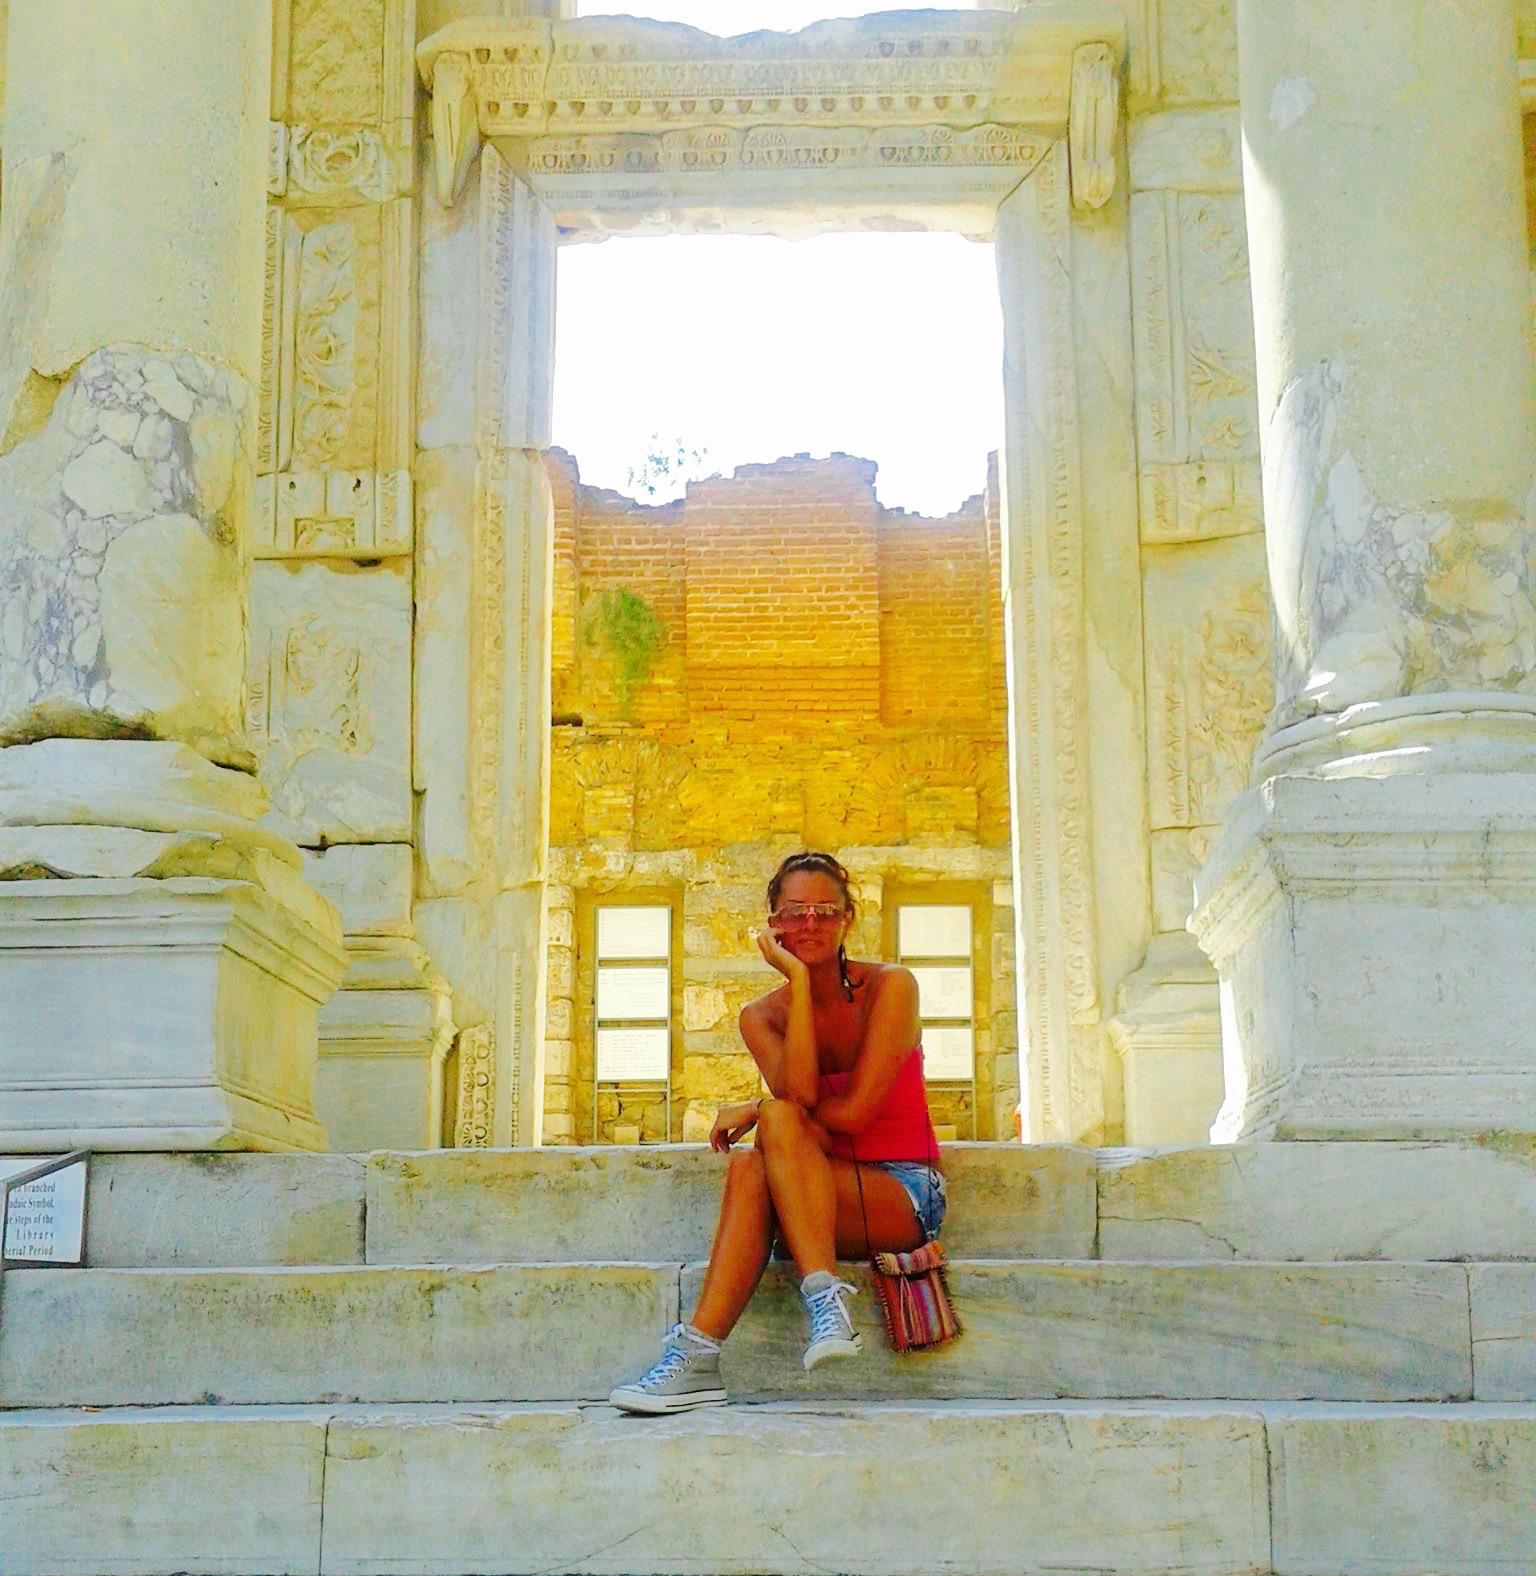 Cosa Comprare A Izmir vivi dentro il mondo 🌍. blog per viaggiatori in wanderlust